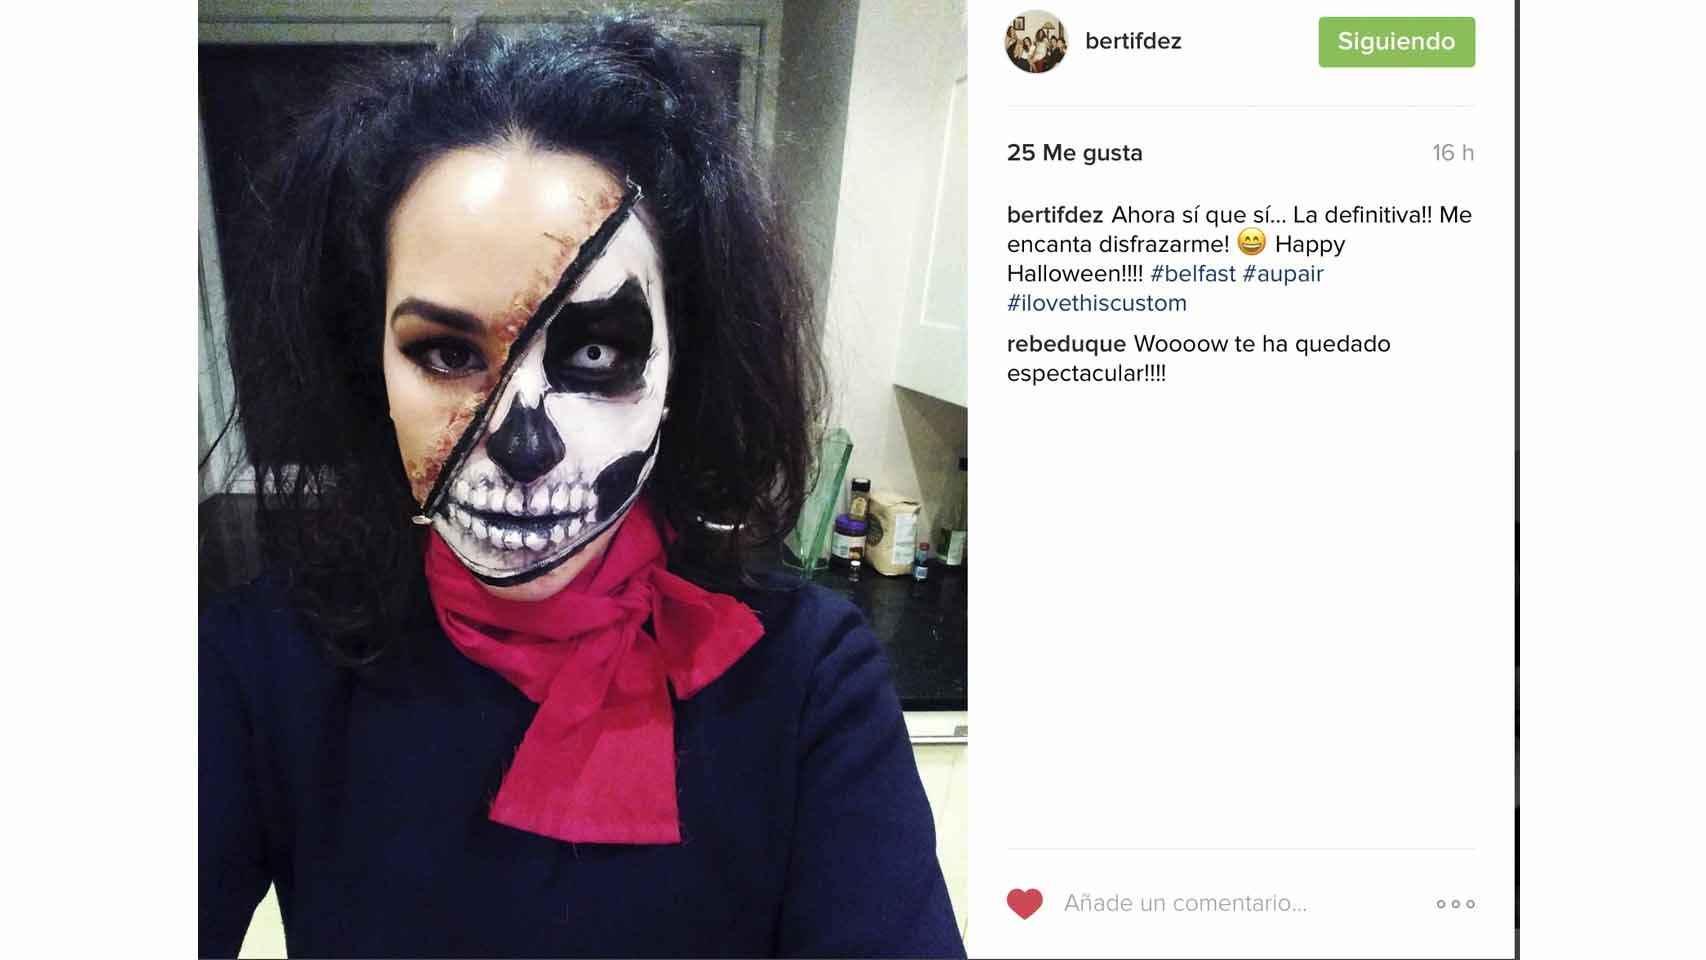 Berta Fernández Rourera disfrazada de esqueleto para la noche de los muertos.